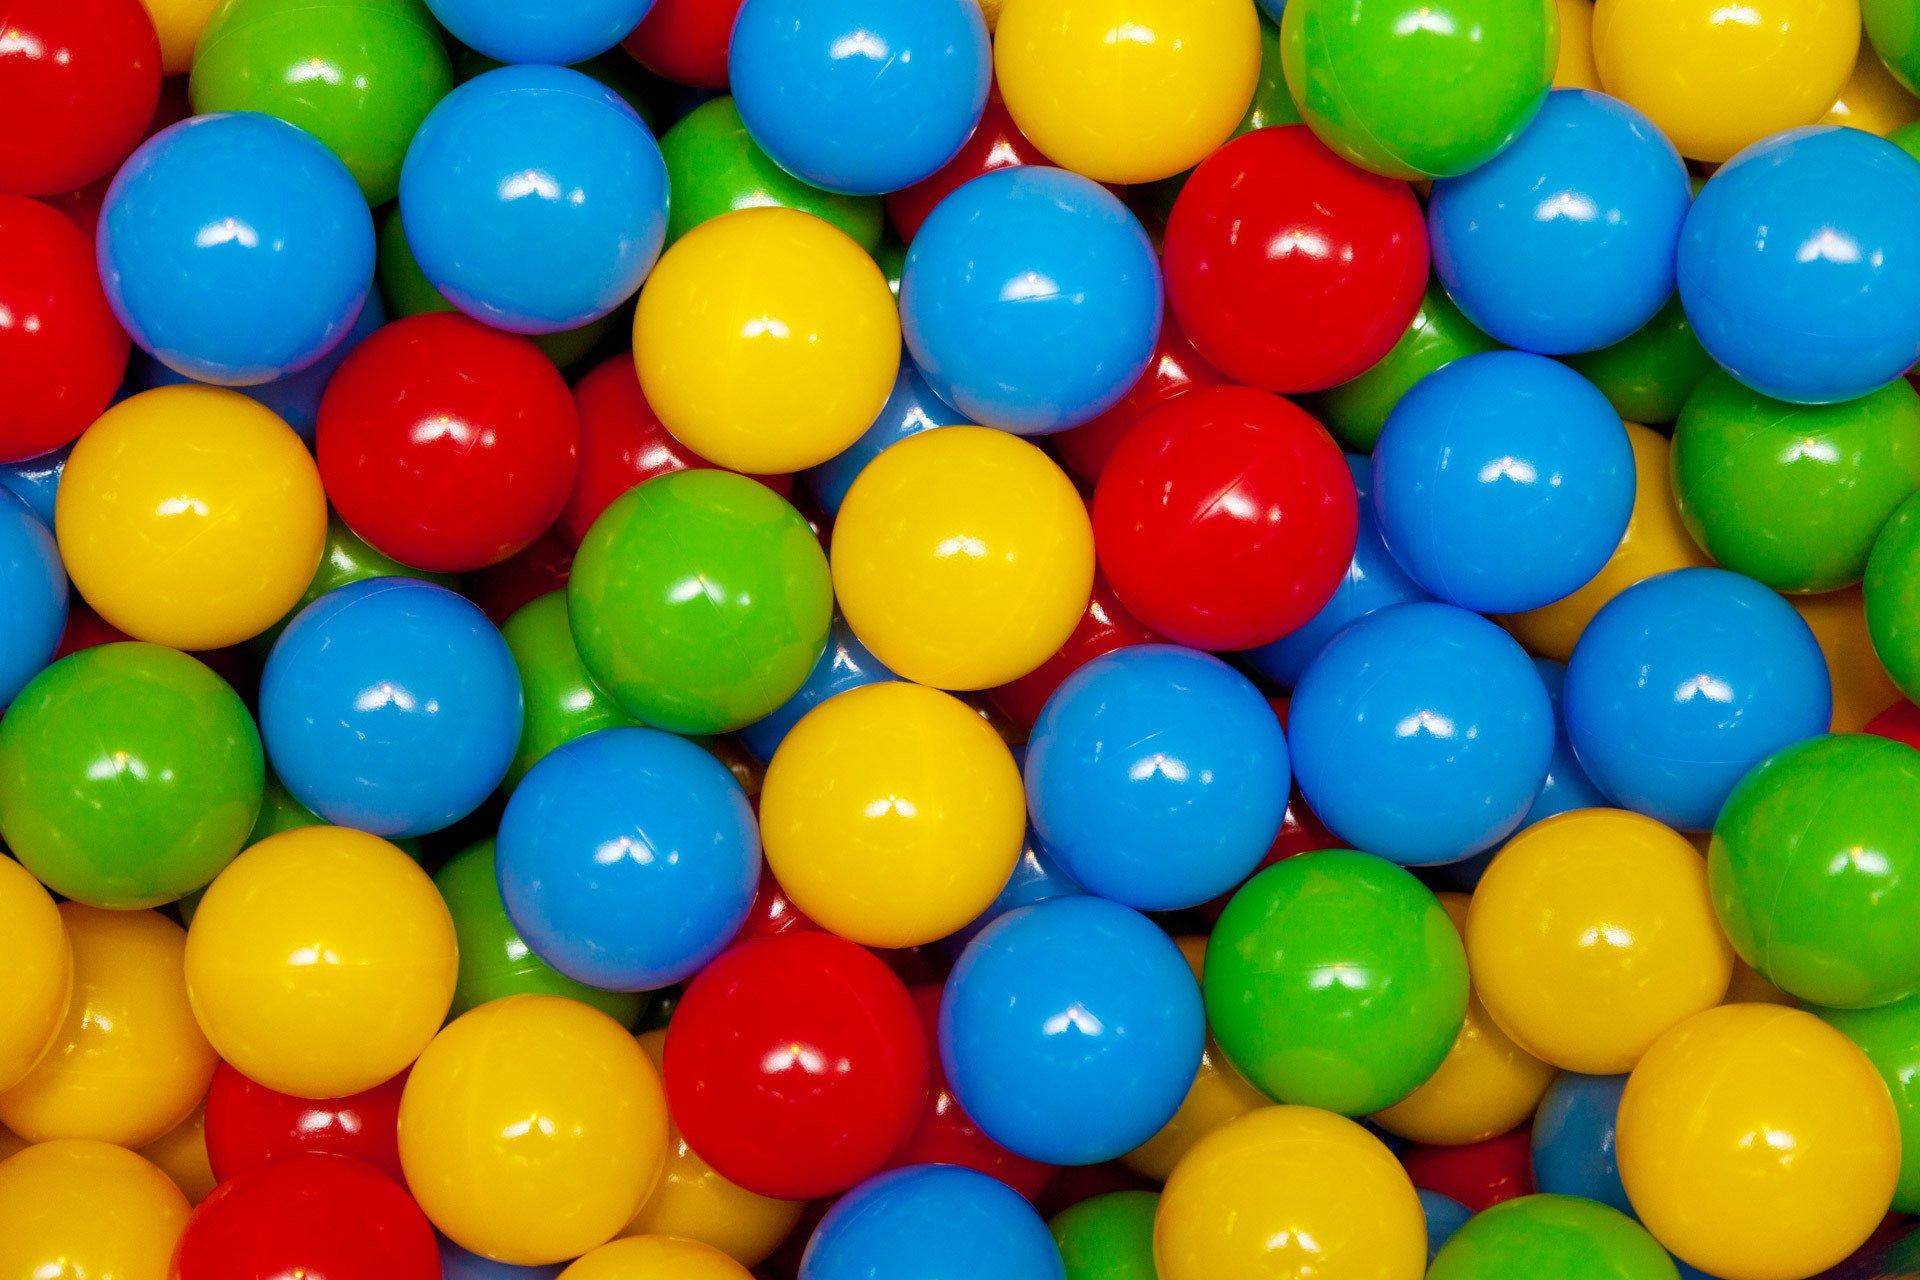 Шары круги цветные  № 3676346  скачать